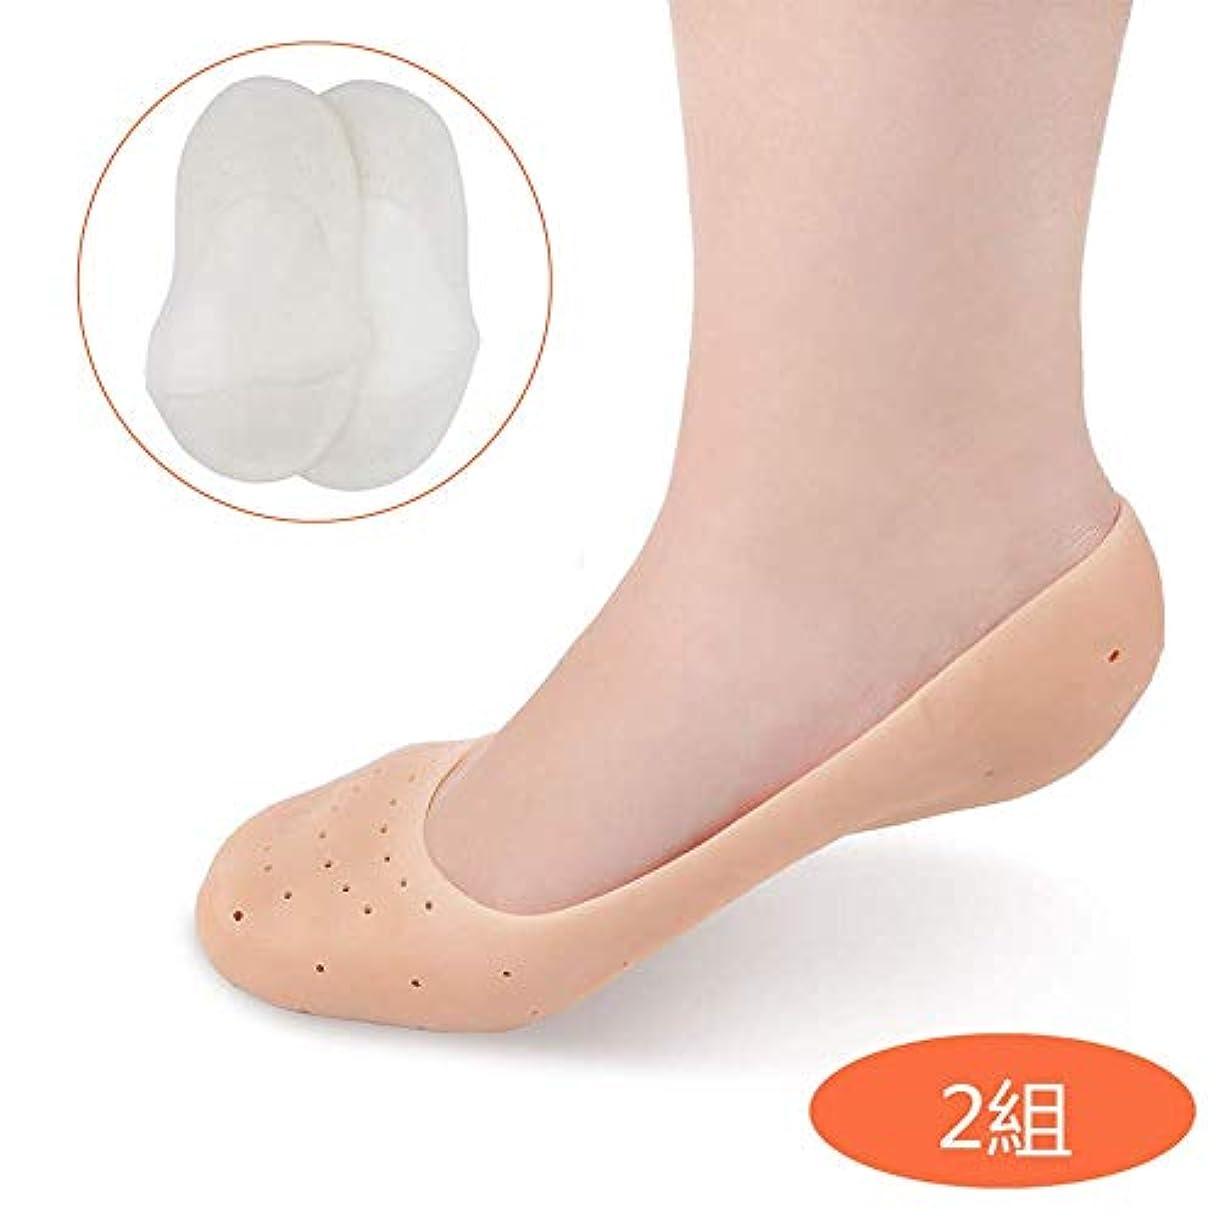 衝突する不完全偶然のシリコンソックス 靴下 かかとケア ヒールクラック防止 足ケア 保湿 角質ケア 皮膚保護 痛みの緩和 快適 通気性 男女兼用 (2組)